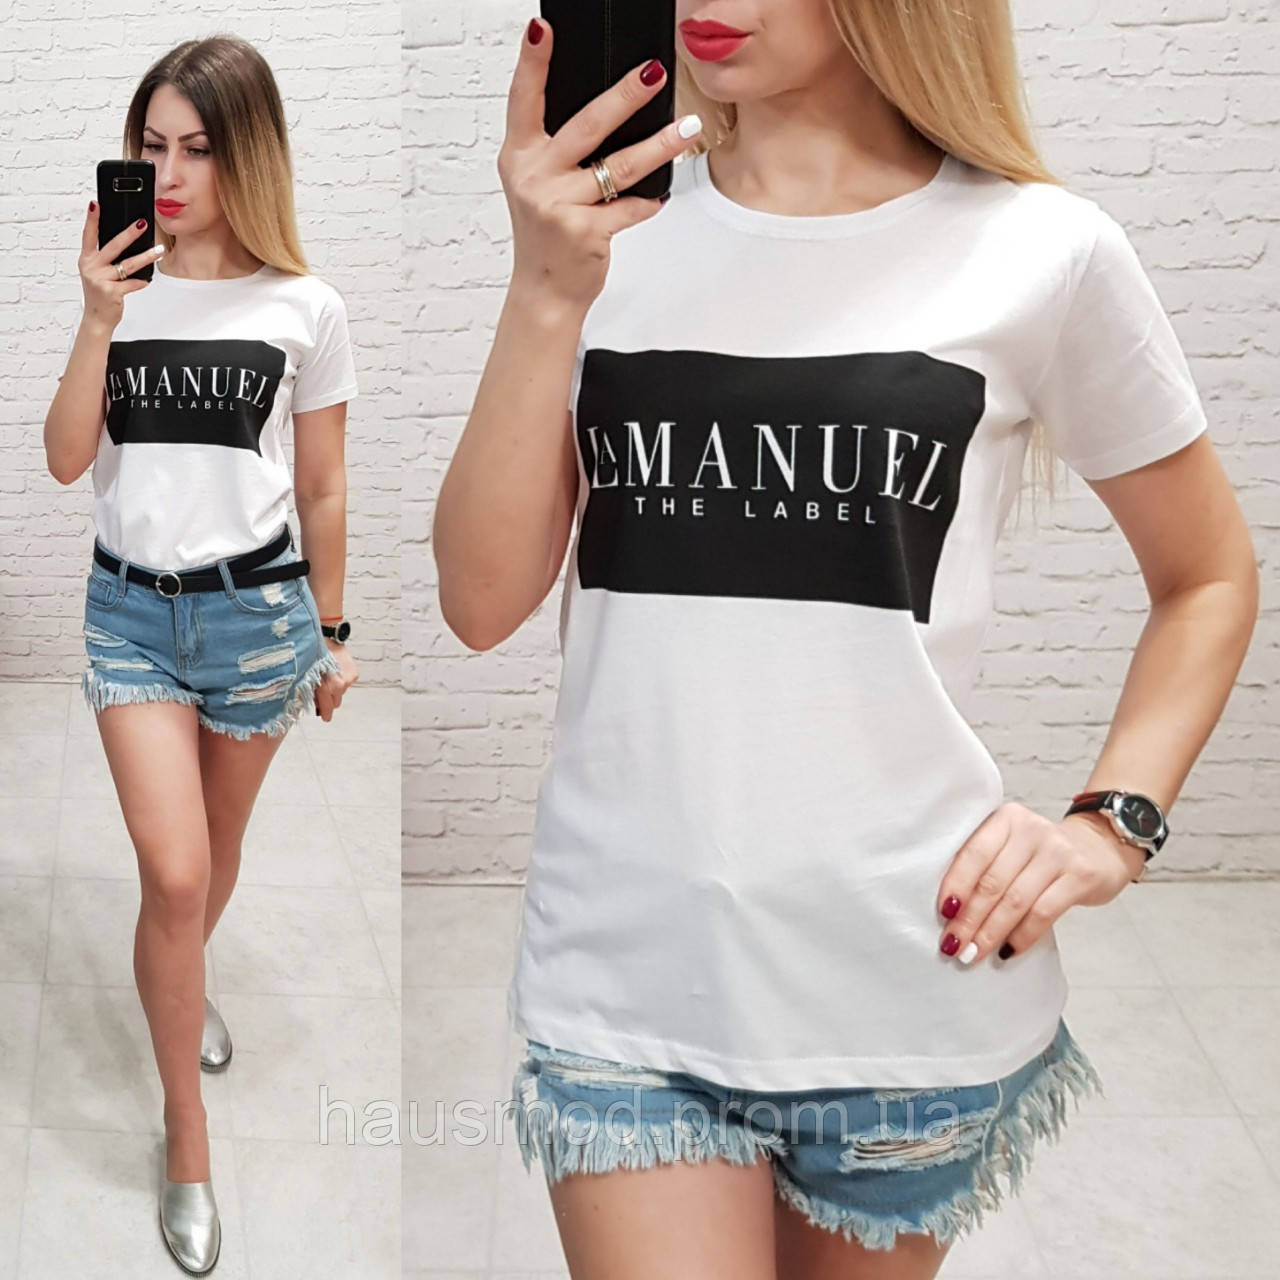 Женская футболка летняя надпись Manuel 100% катон качество турция цвет белый